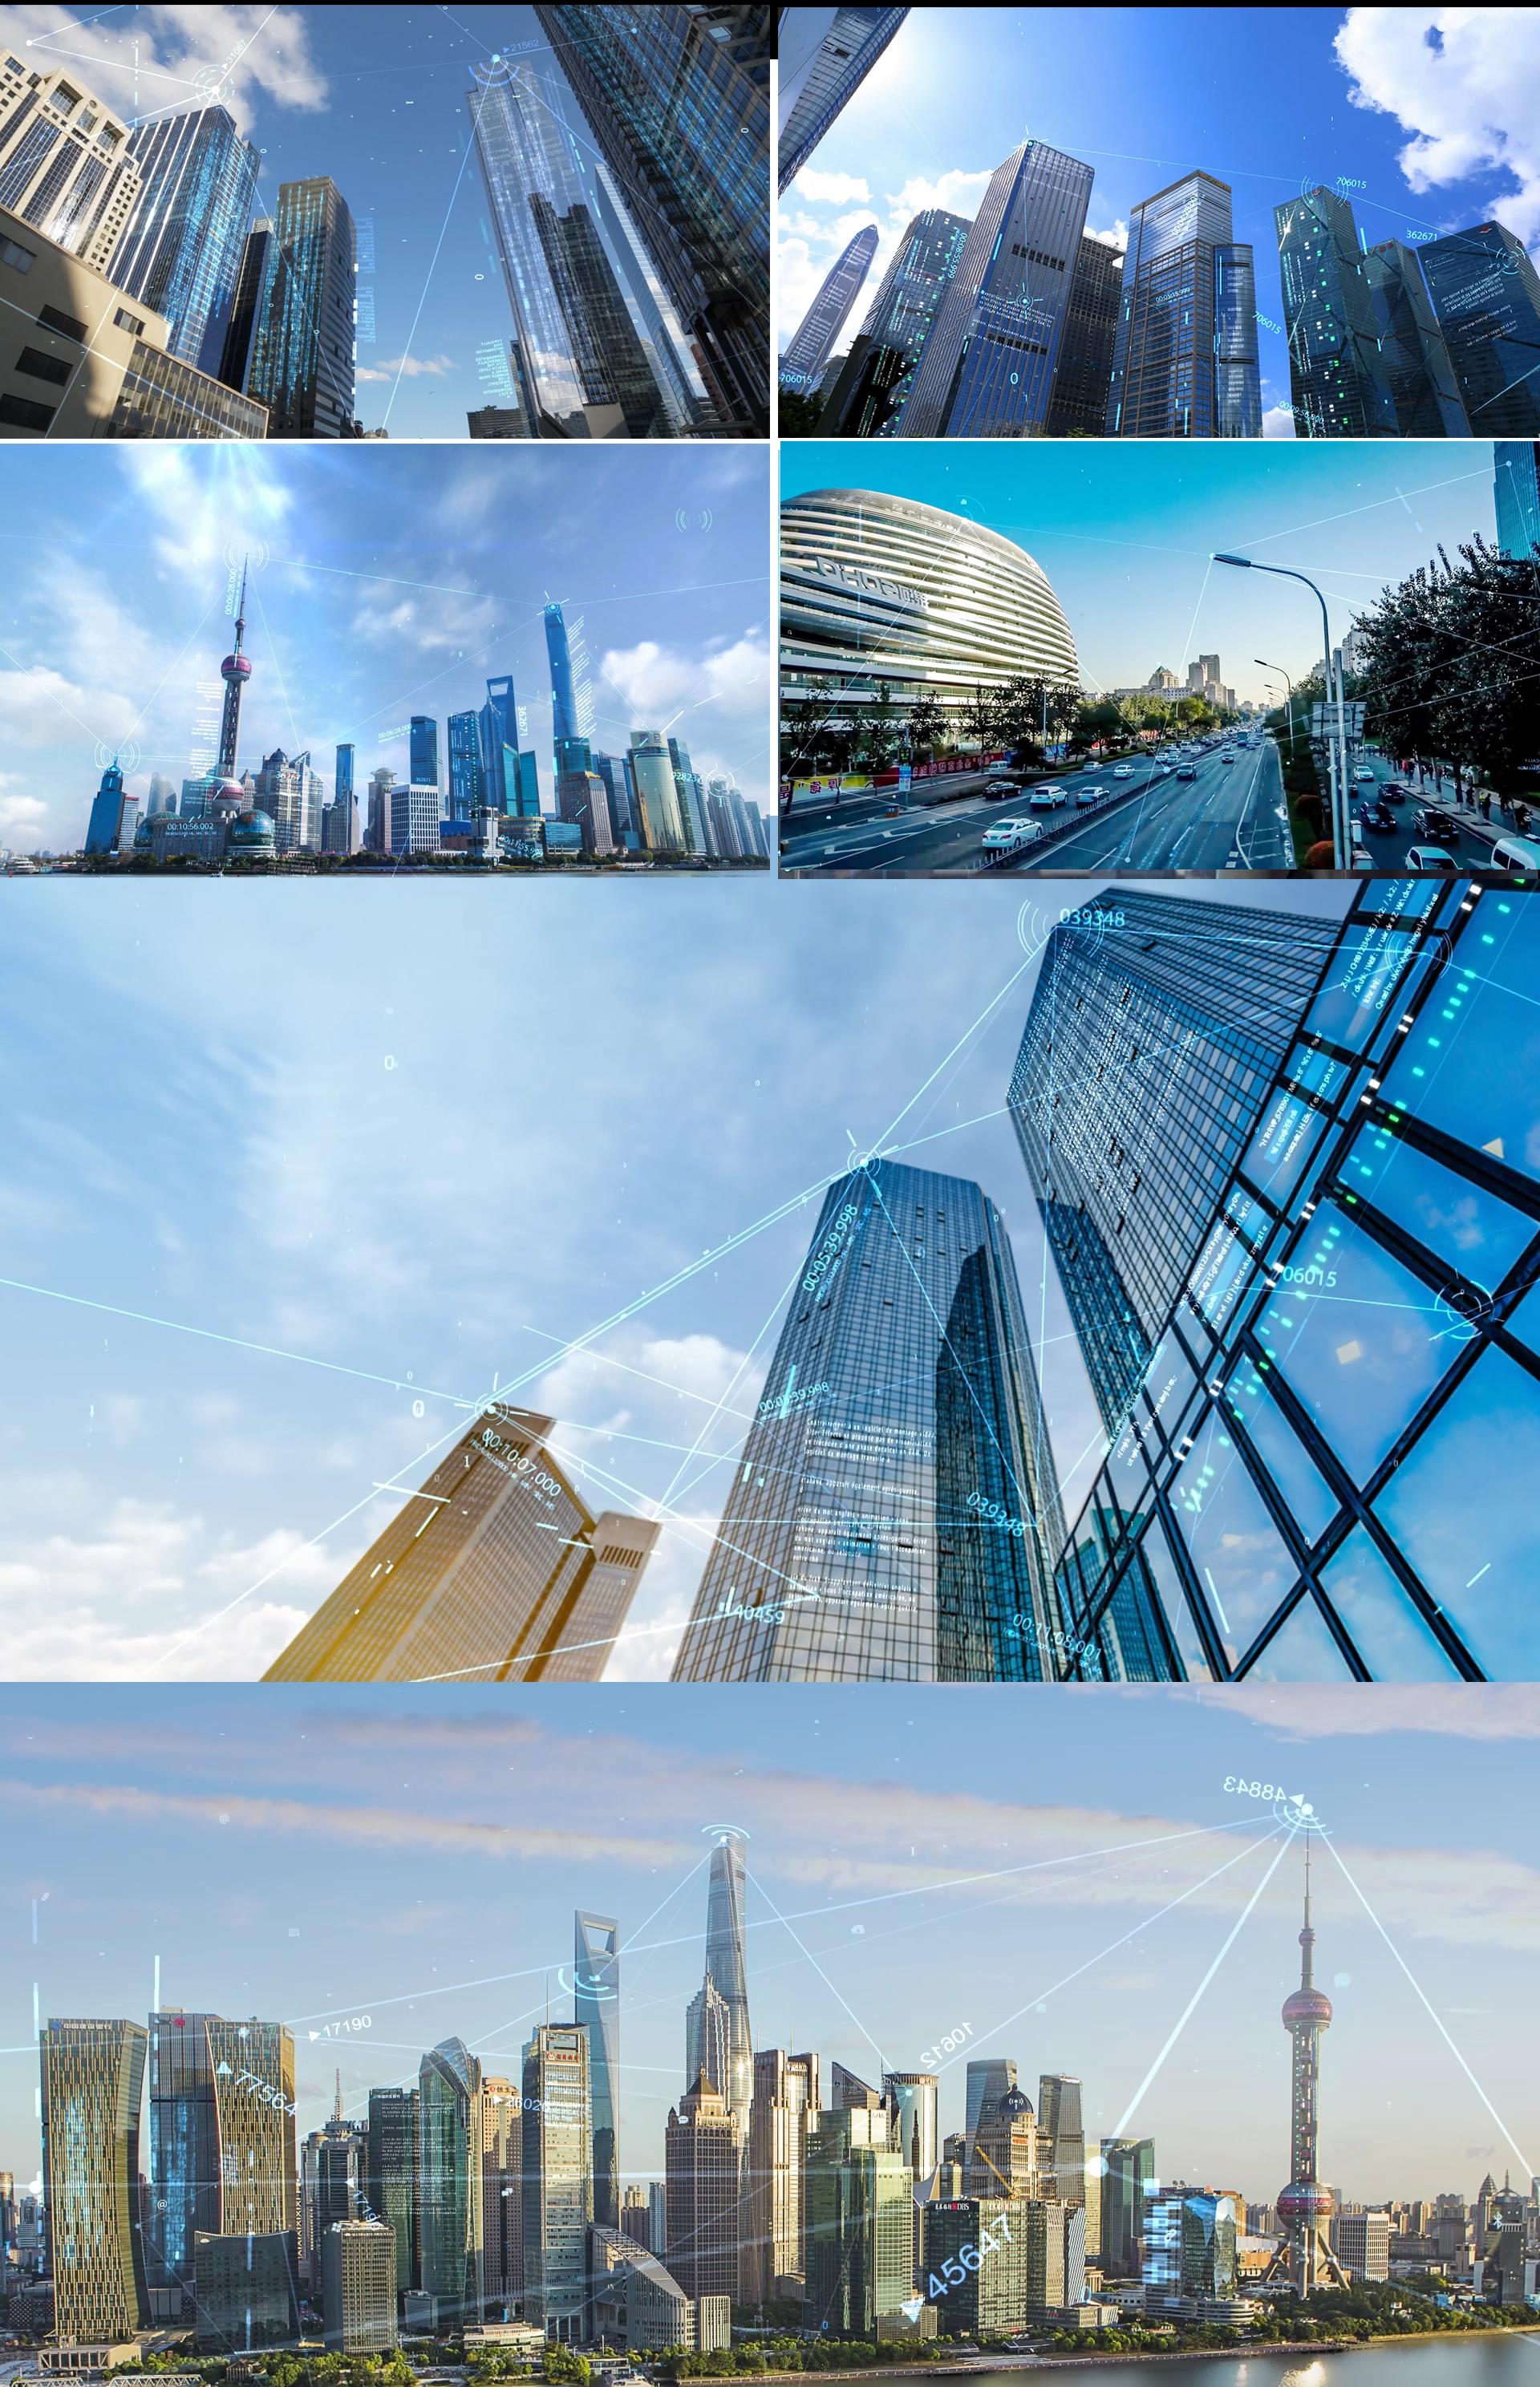 【原创】科技互联网城市-特效合成